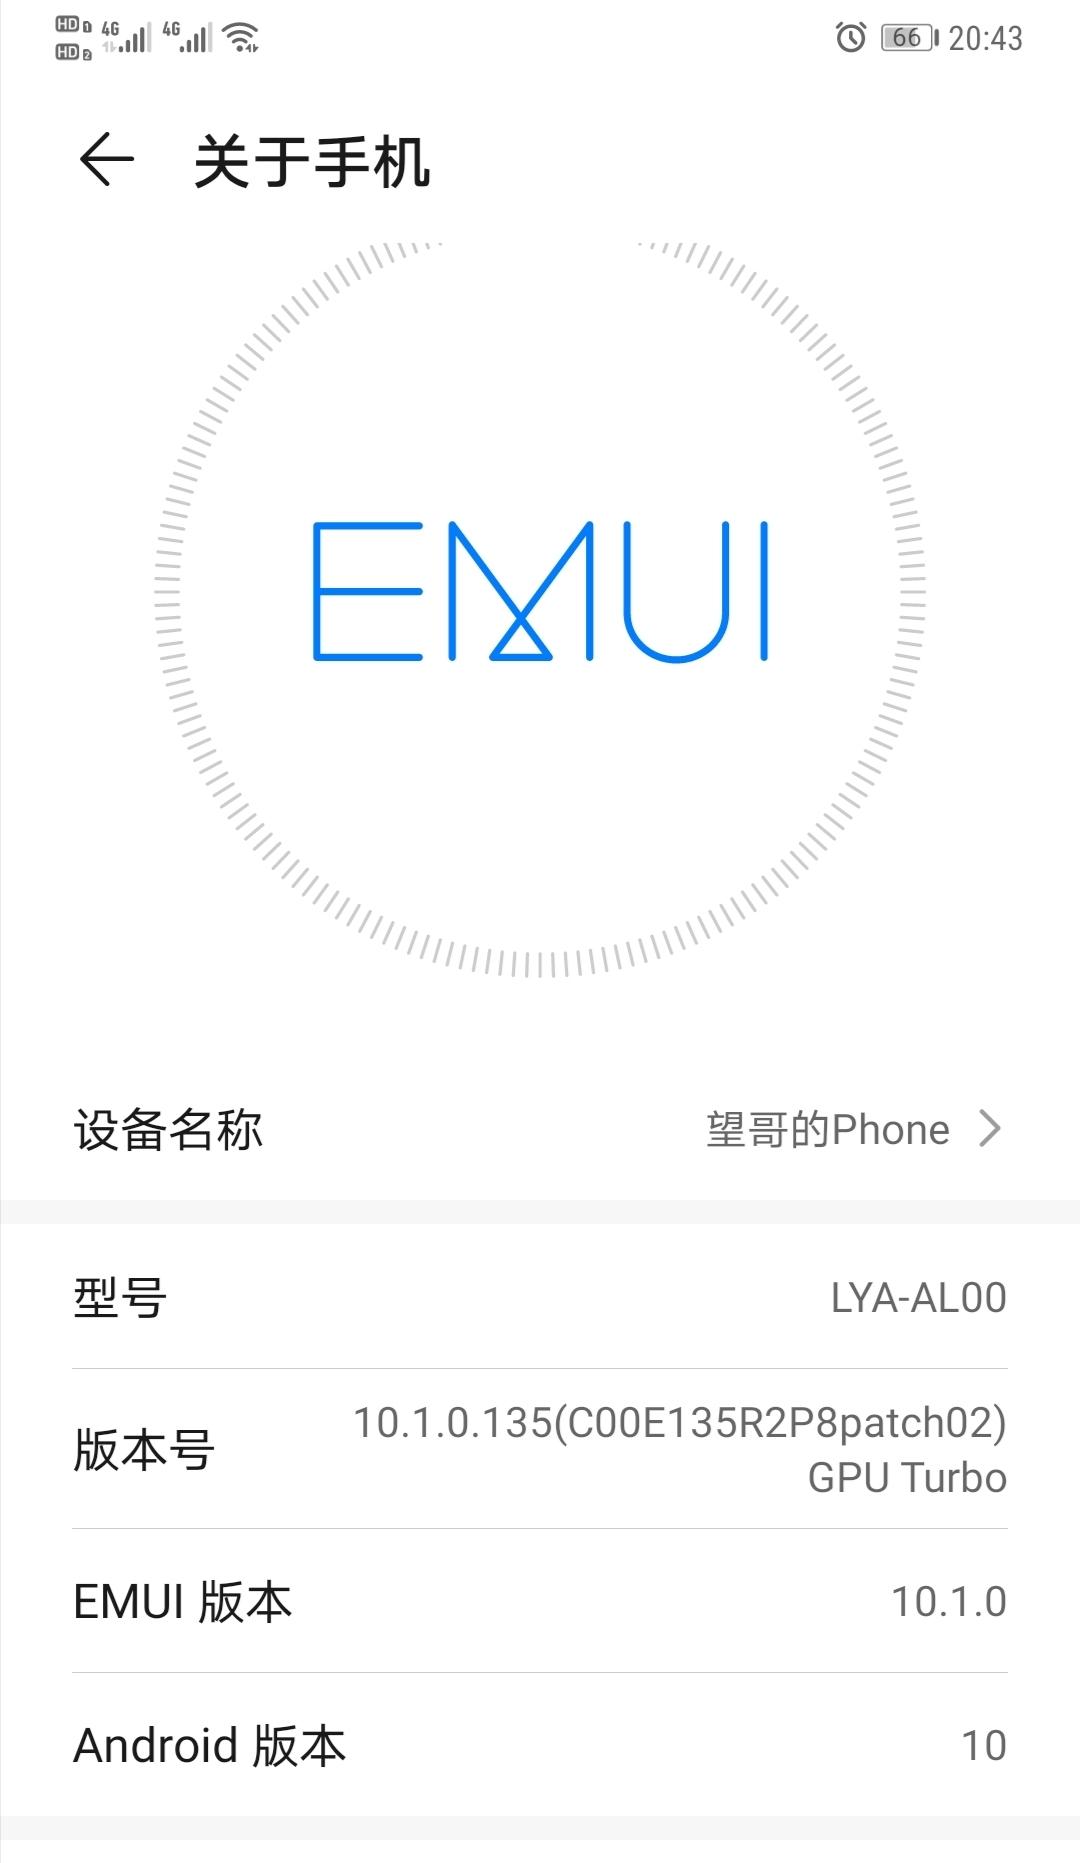 Screenshot_20200514_204348.jpg